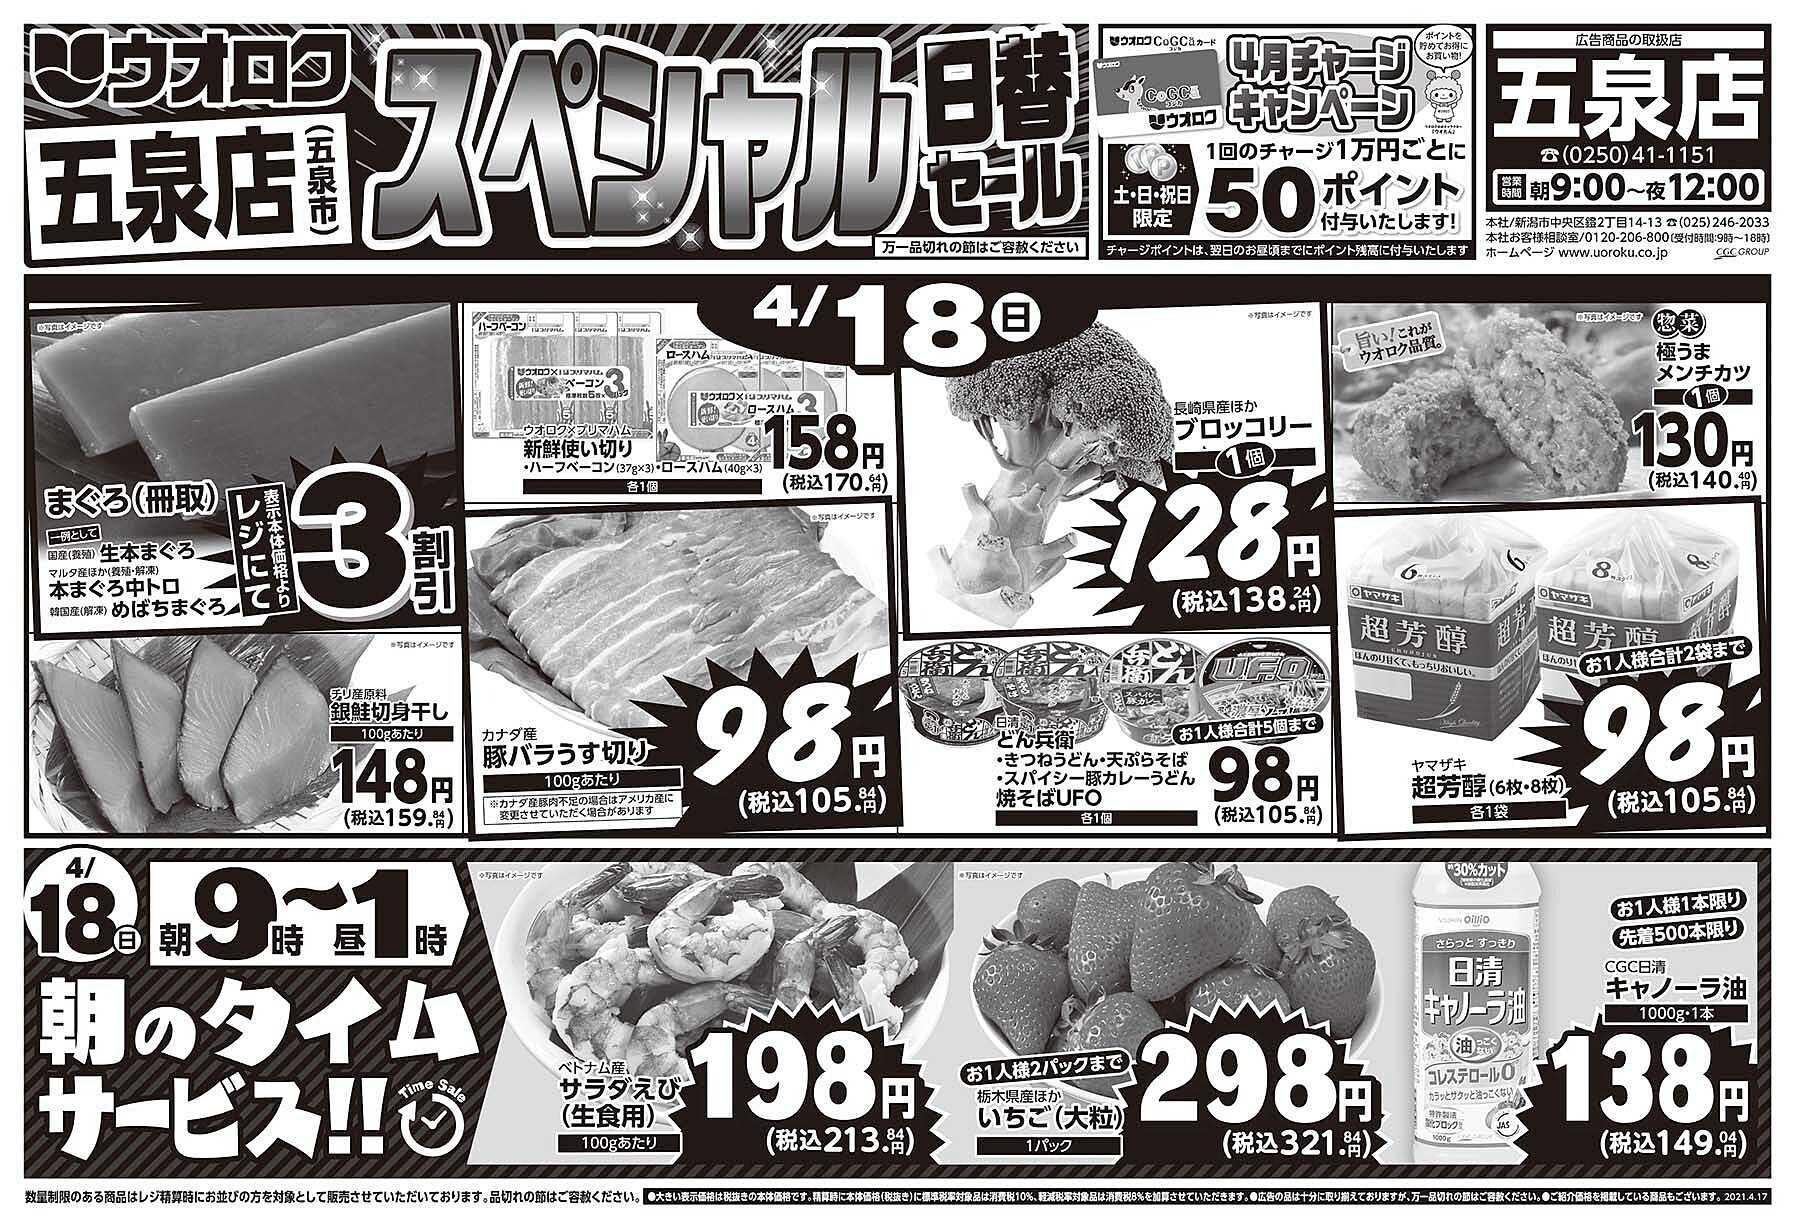 ウオロク 五泉店スペシャル日替セール